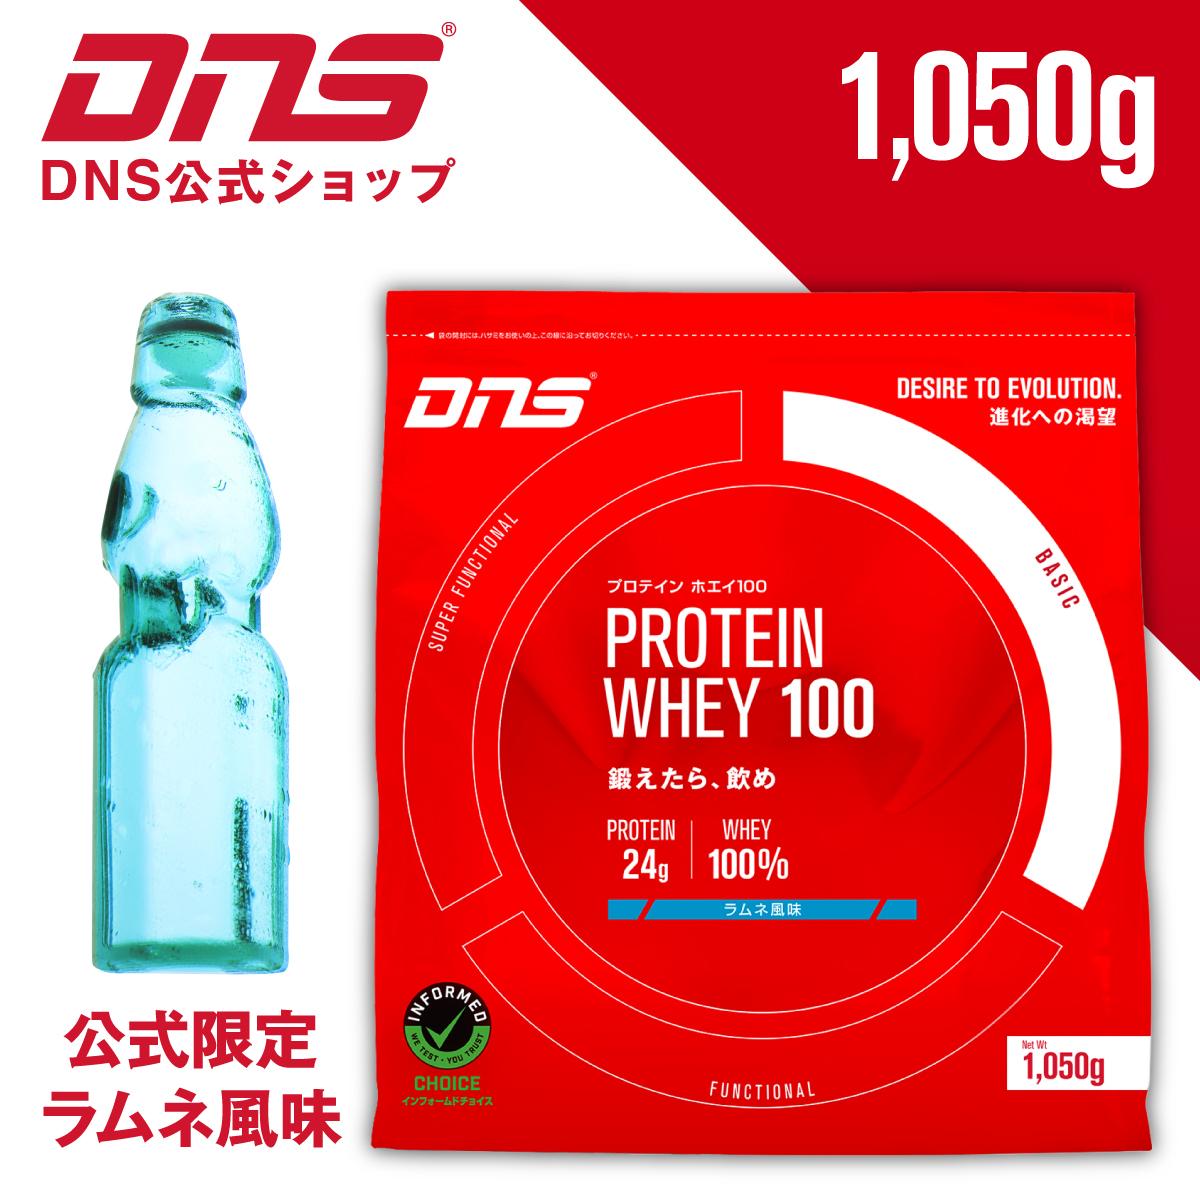 公式限定 DNS 記念日 プロテインホエイ100 1kg 買い物 1050g ラムネ風味 ホエイプロテイン ディーエヌエス 新商品 トレーニング ダイエット プロテイン サプリメント